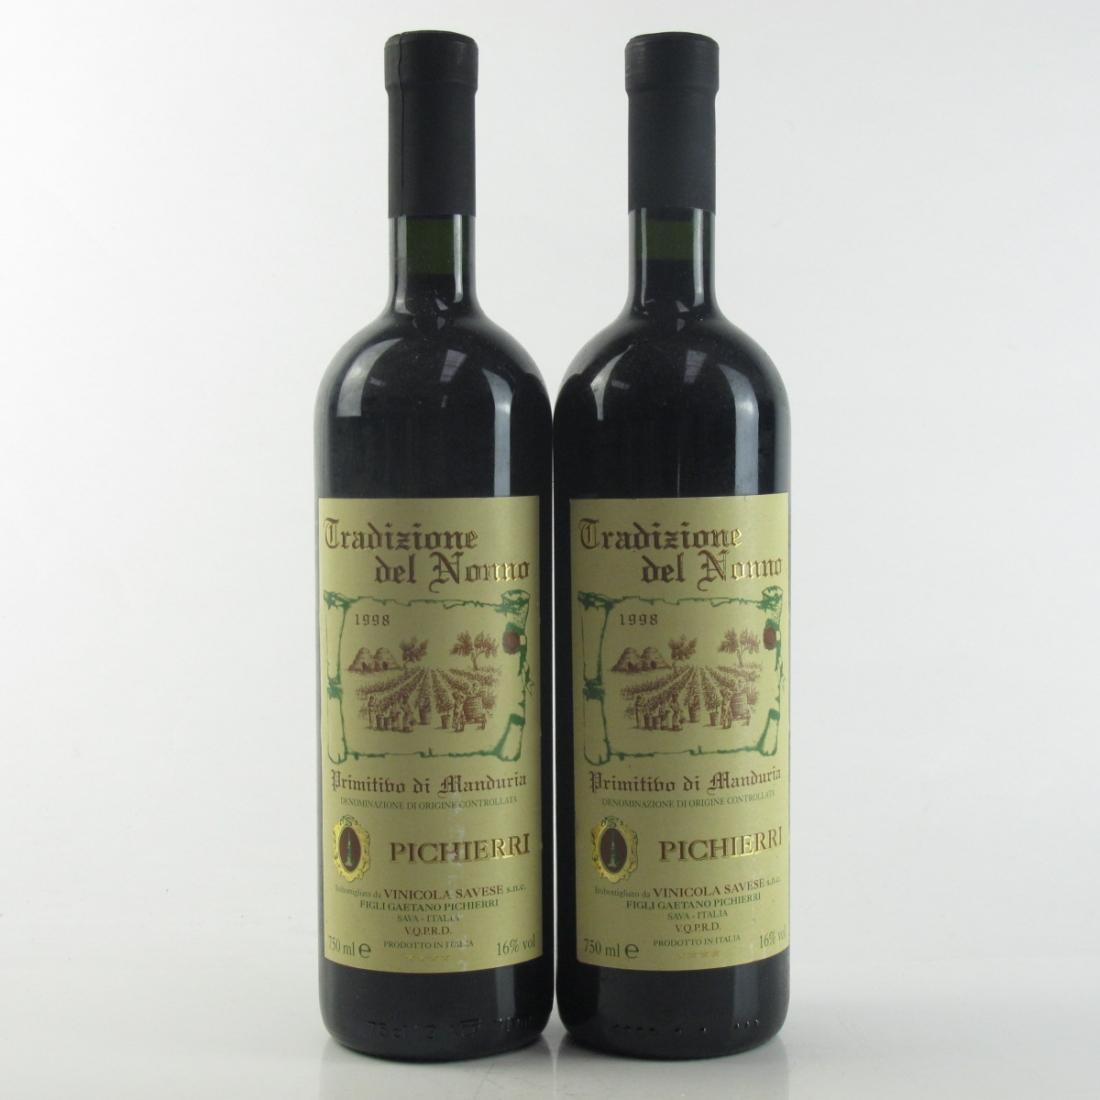 Pichierri Primitivo di Manduria 1998 Puglia 2x75cl